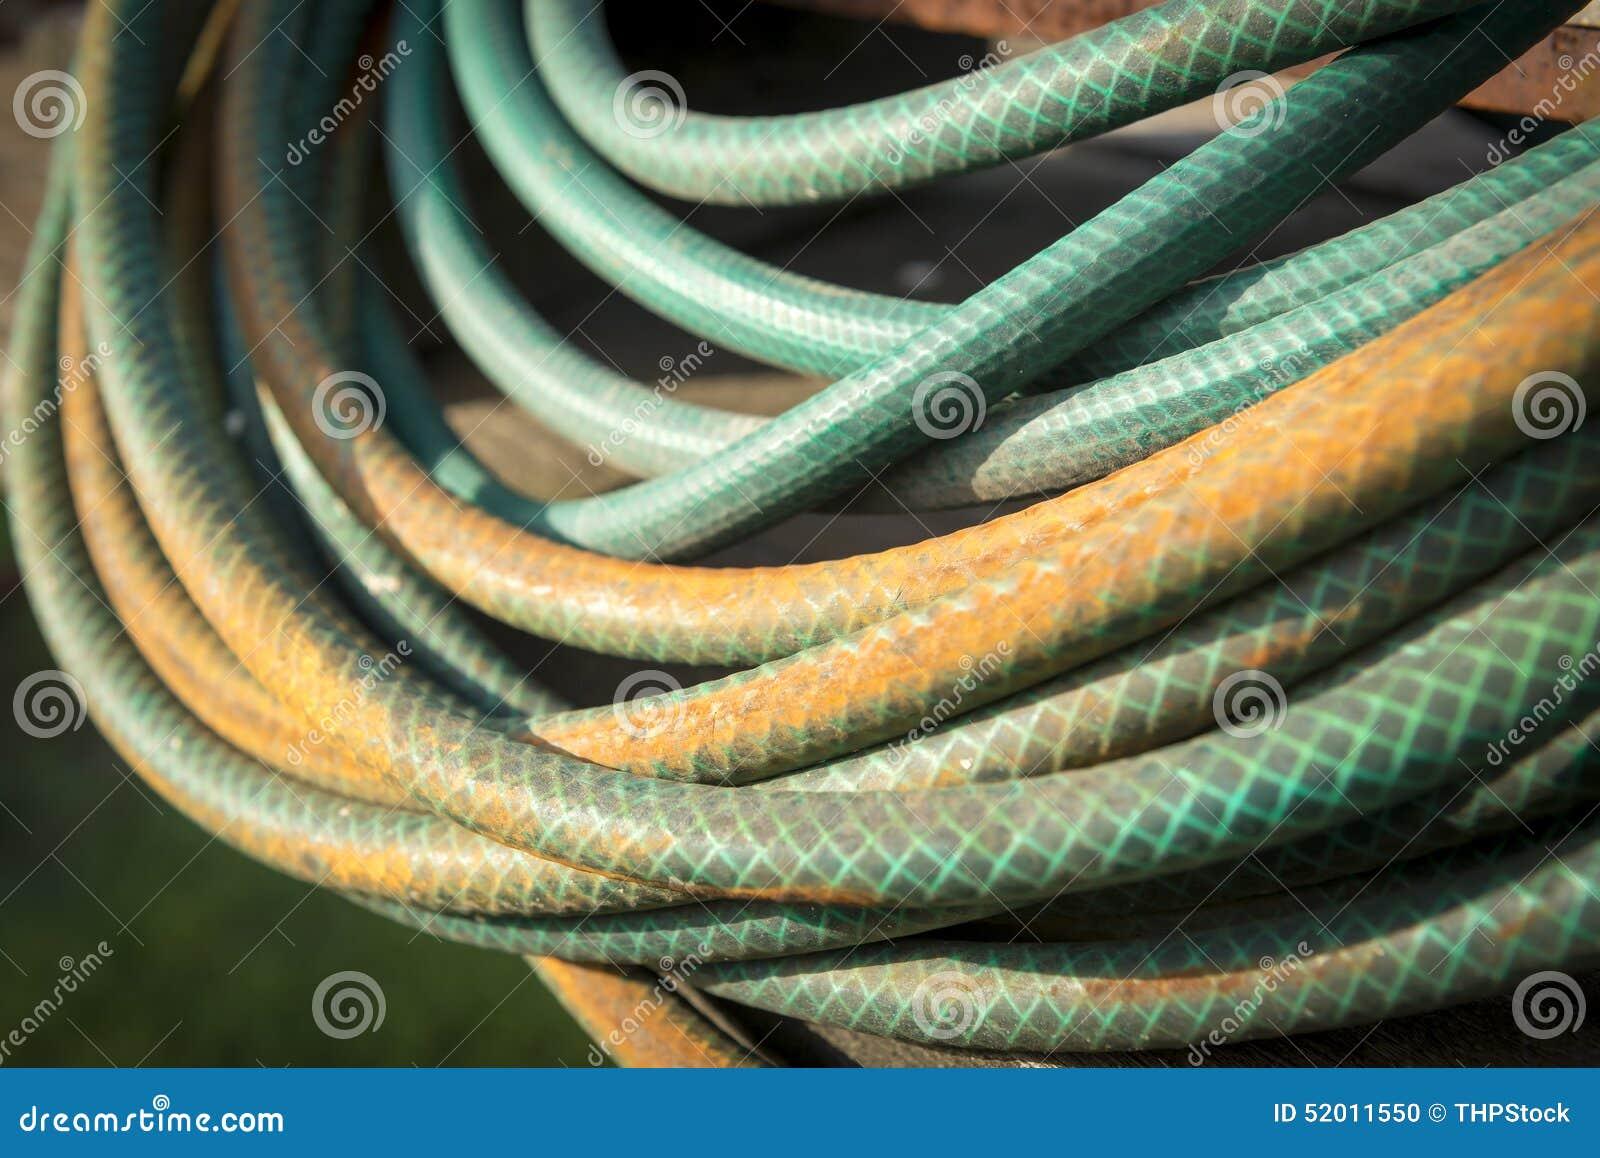 300 d kanonów ogród wąż